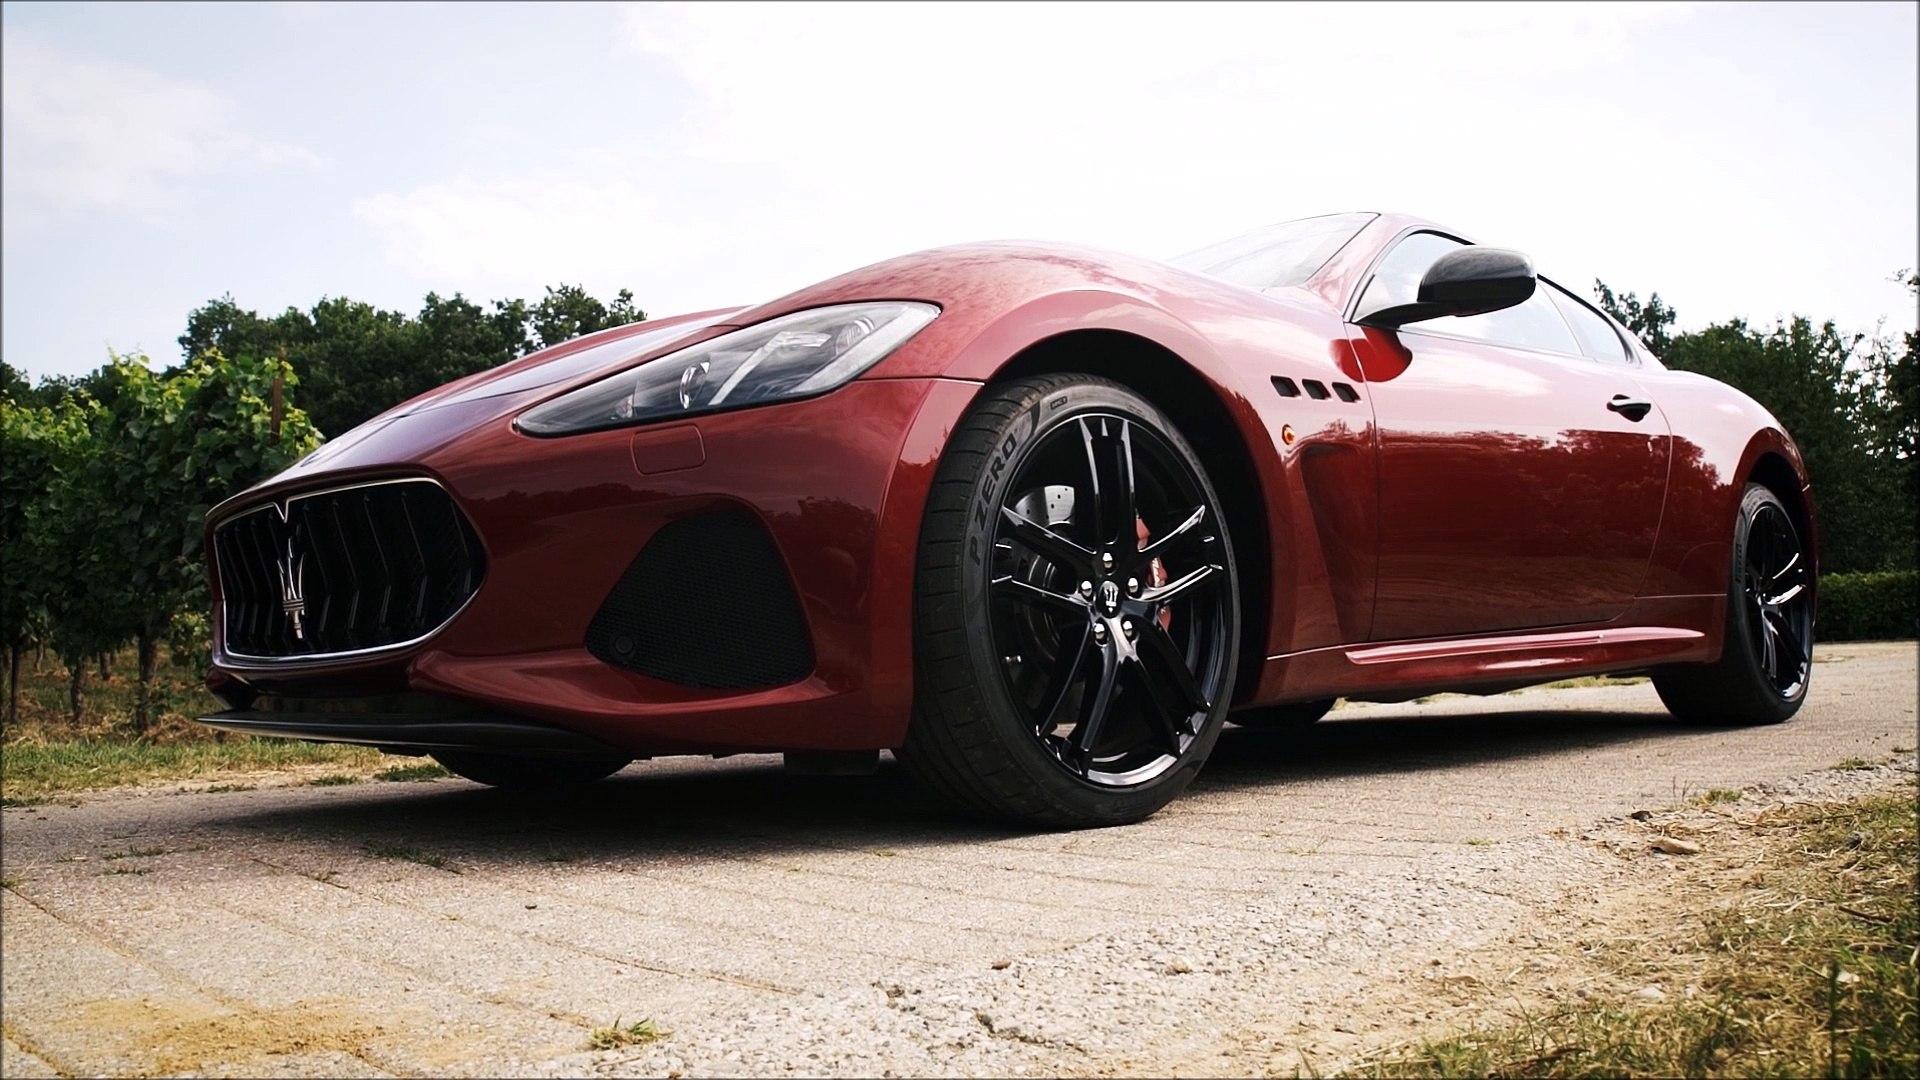 Maserati GranTurismo MC MY2018 - Pure V8 engine sound !